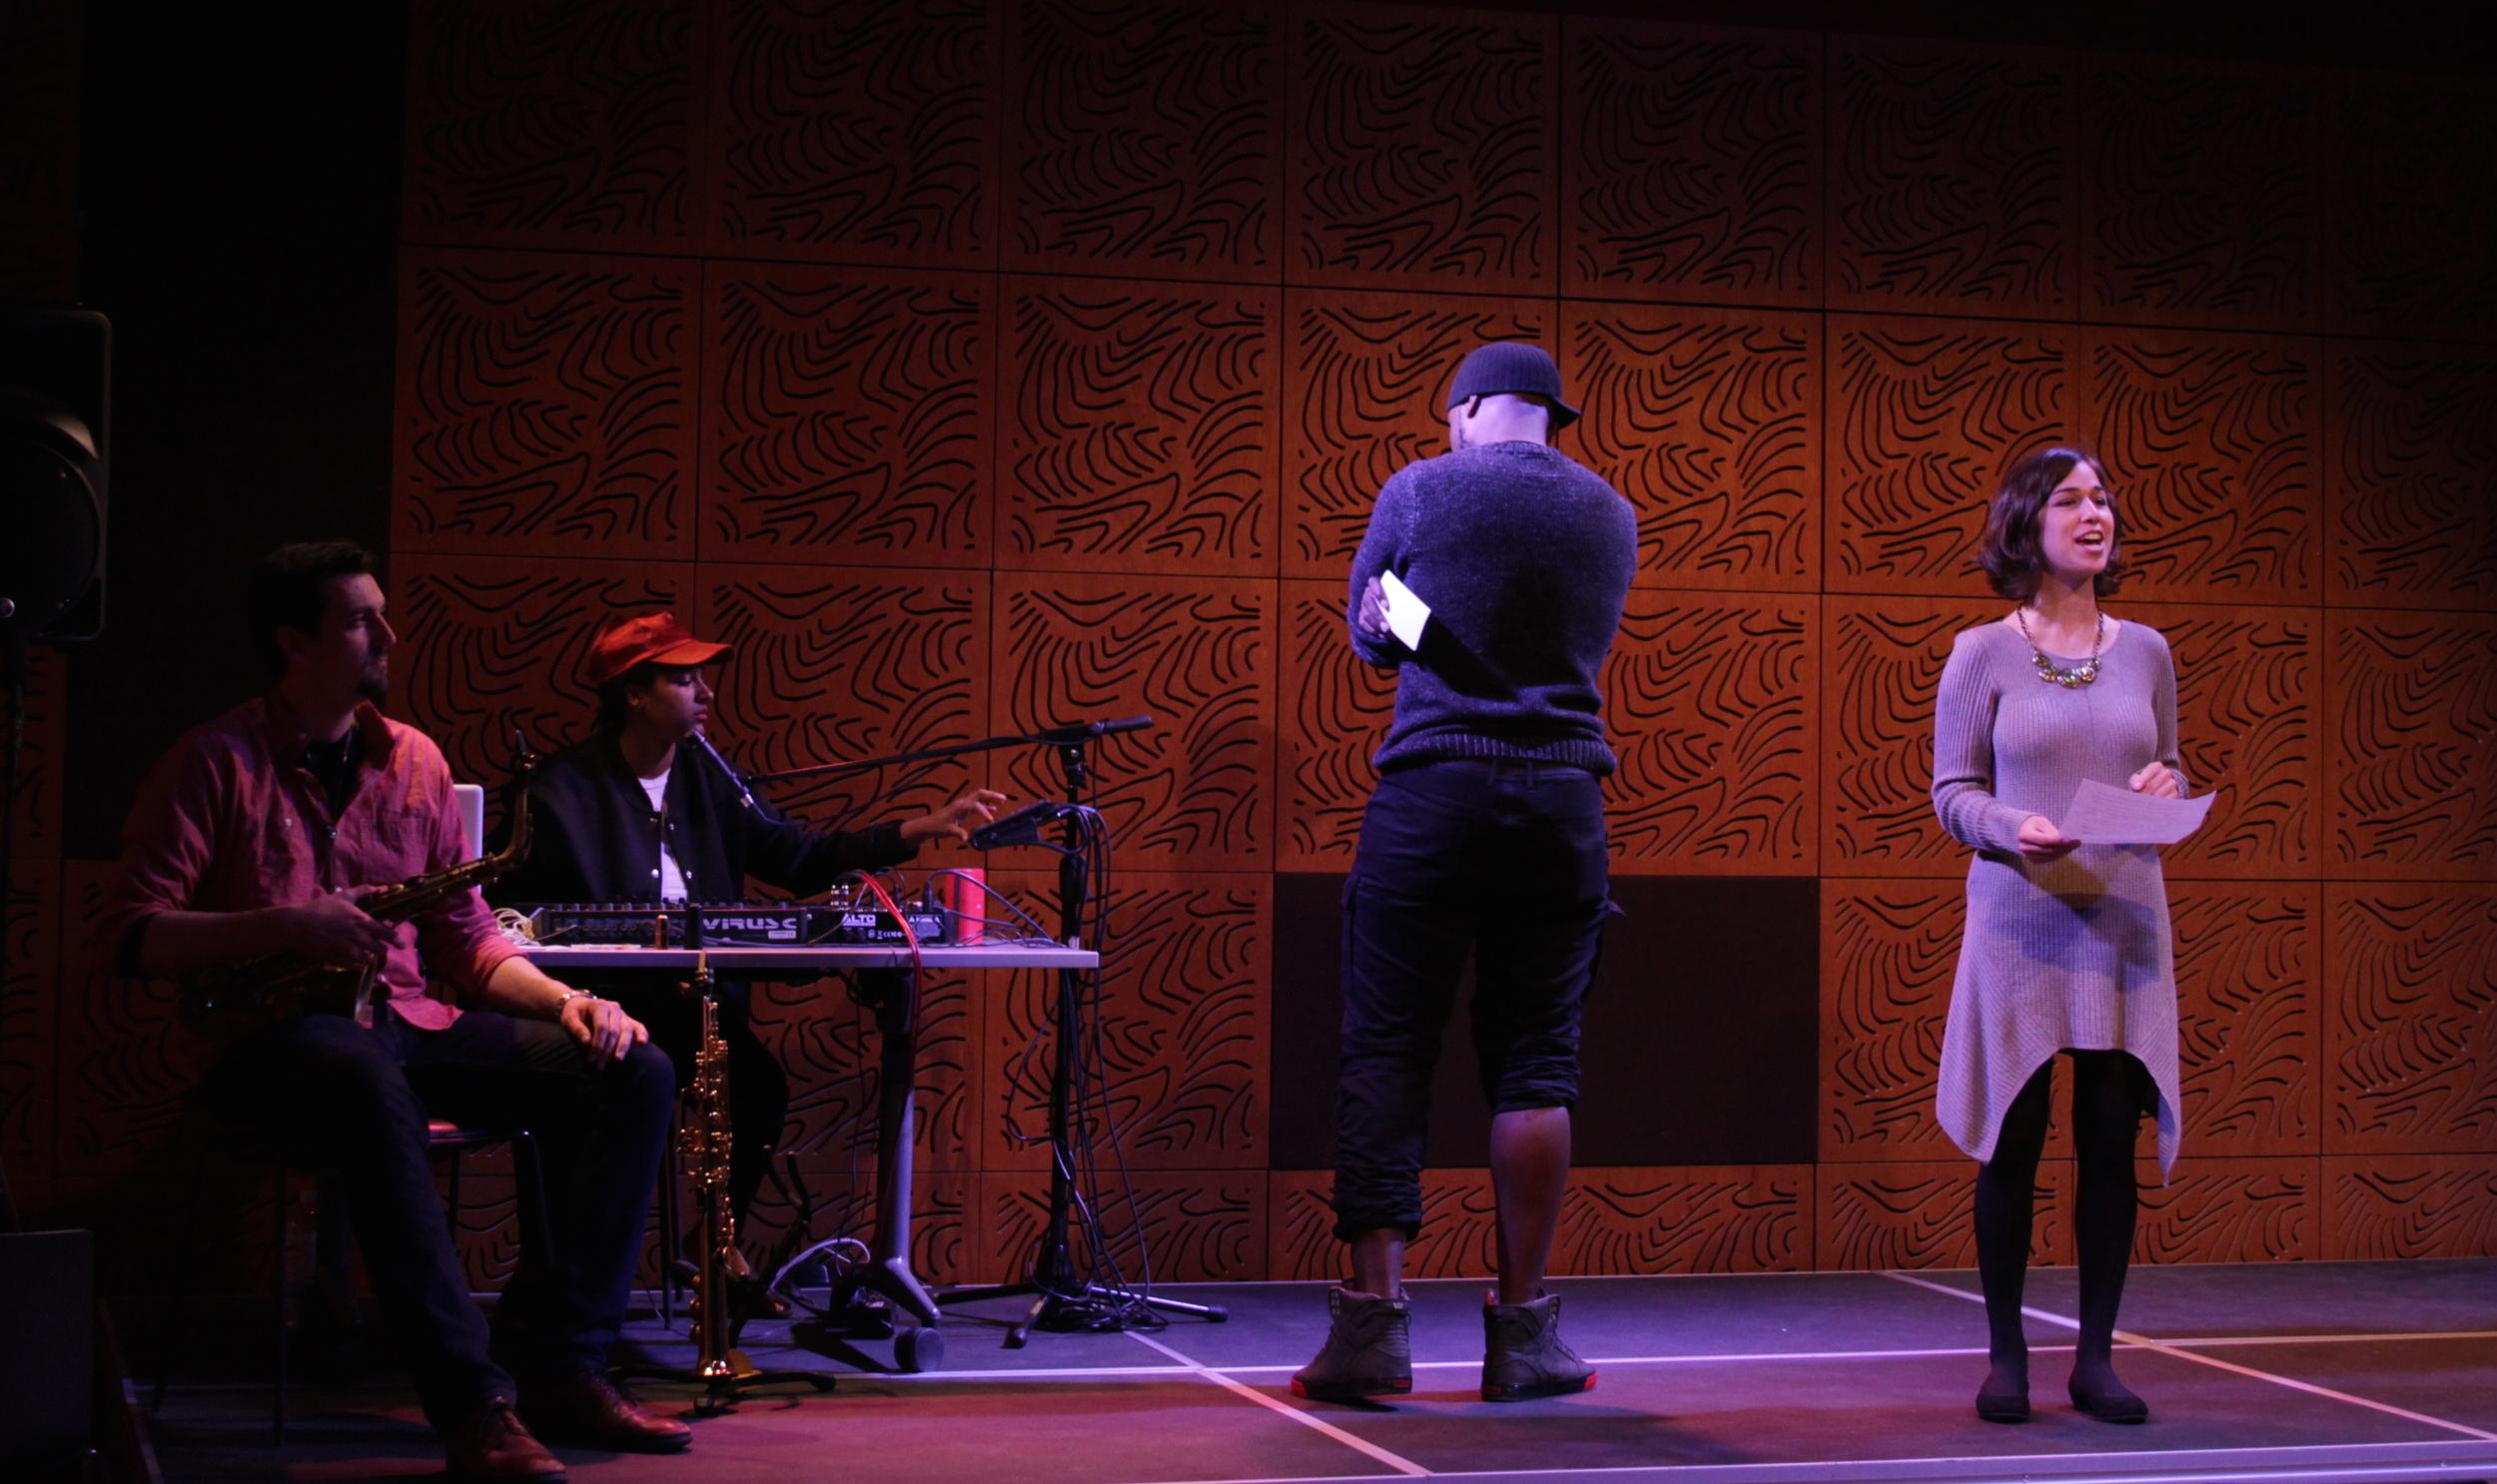 Performers (from left to right) Josh Marcus, Taja Cheek, DK Wright, and Xandra Clark. Photo: Olivia Lloyd.